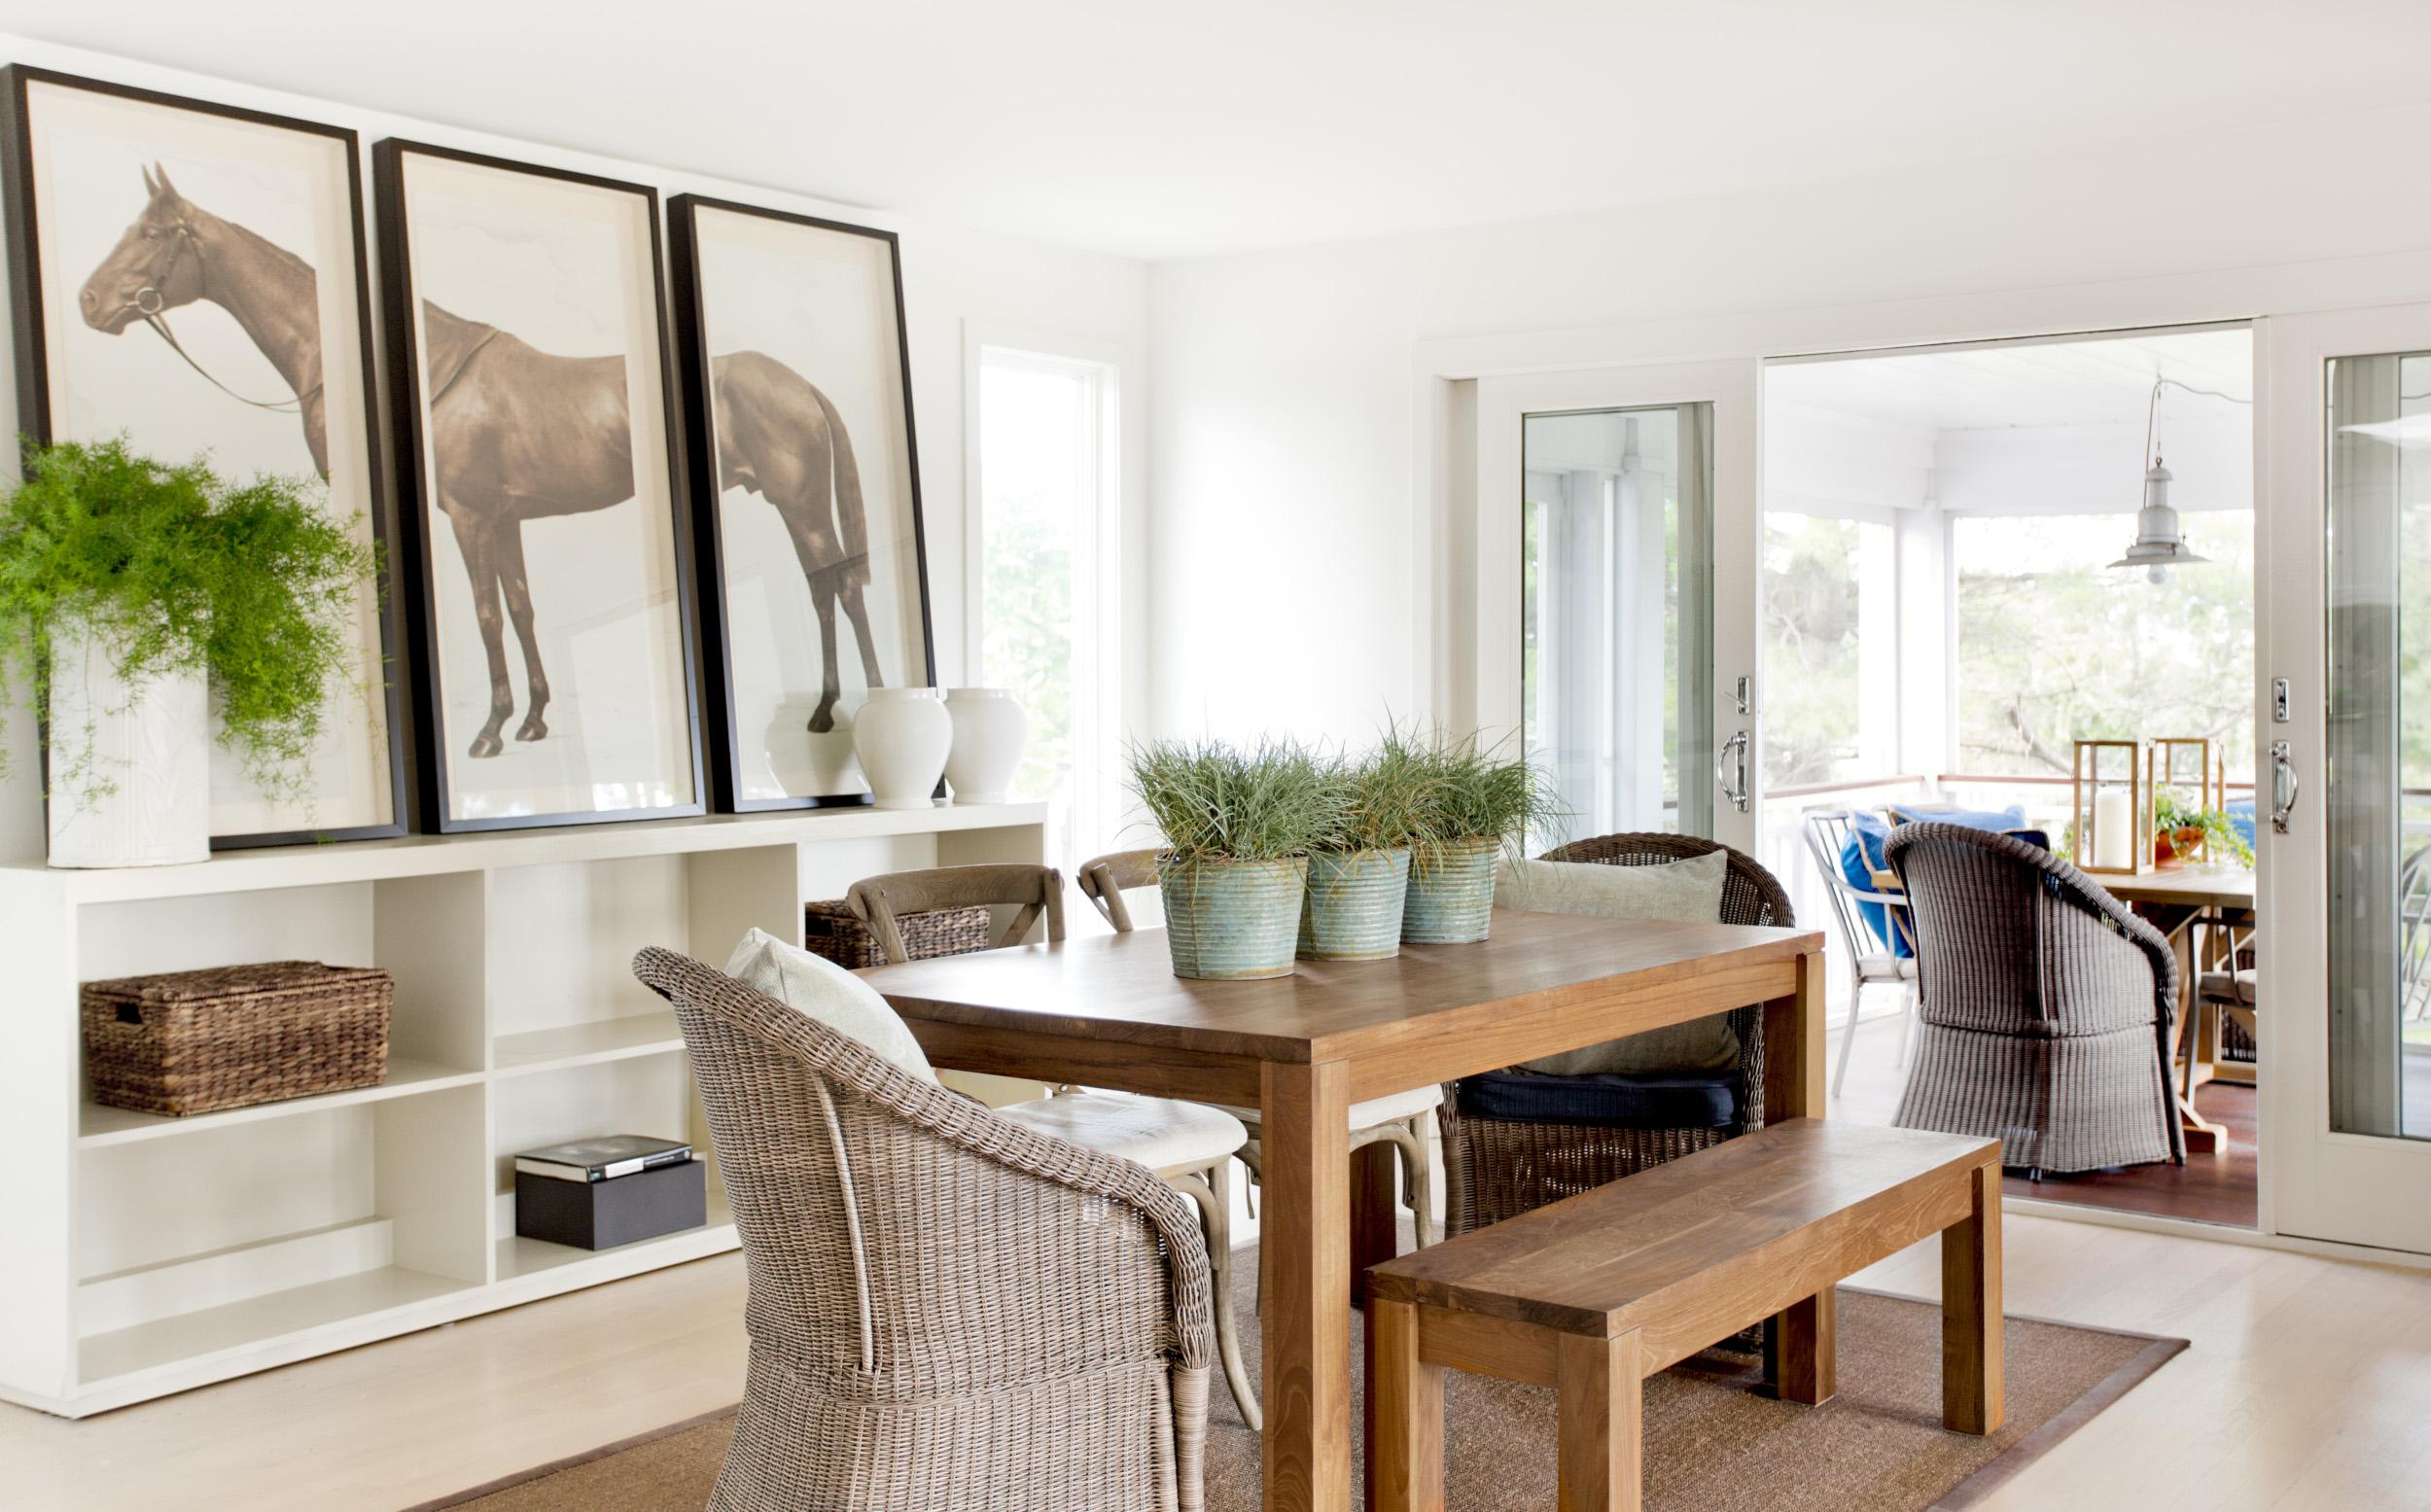 Caroline Kopp Best Interior Designers Top Interior Designers Connecticut.jpg